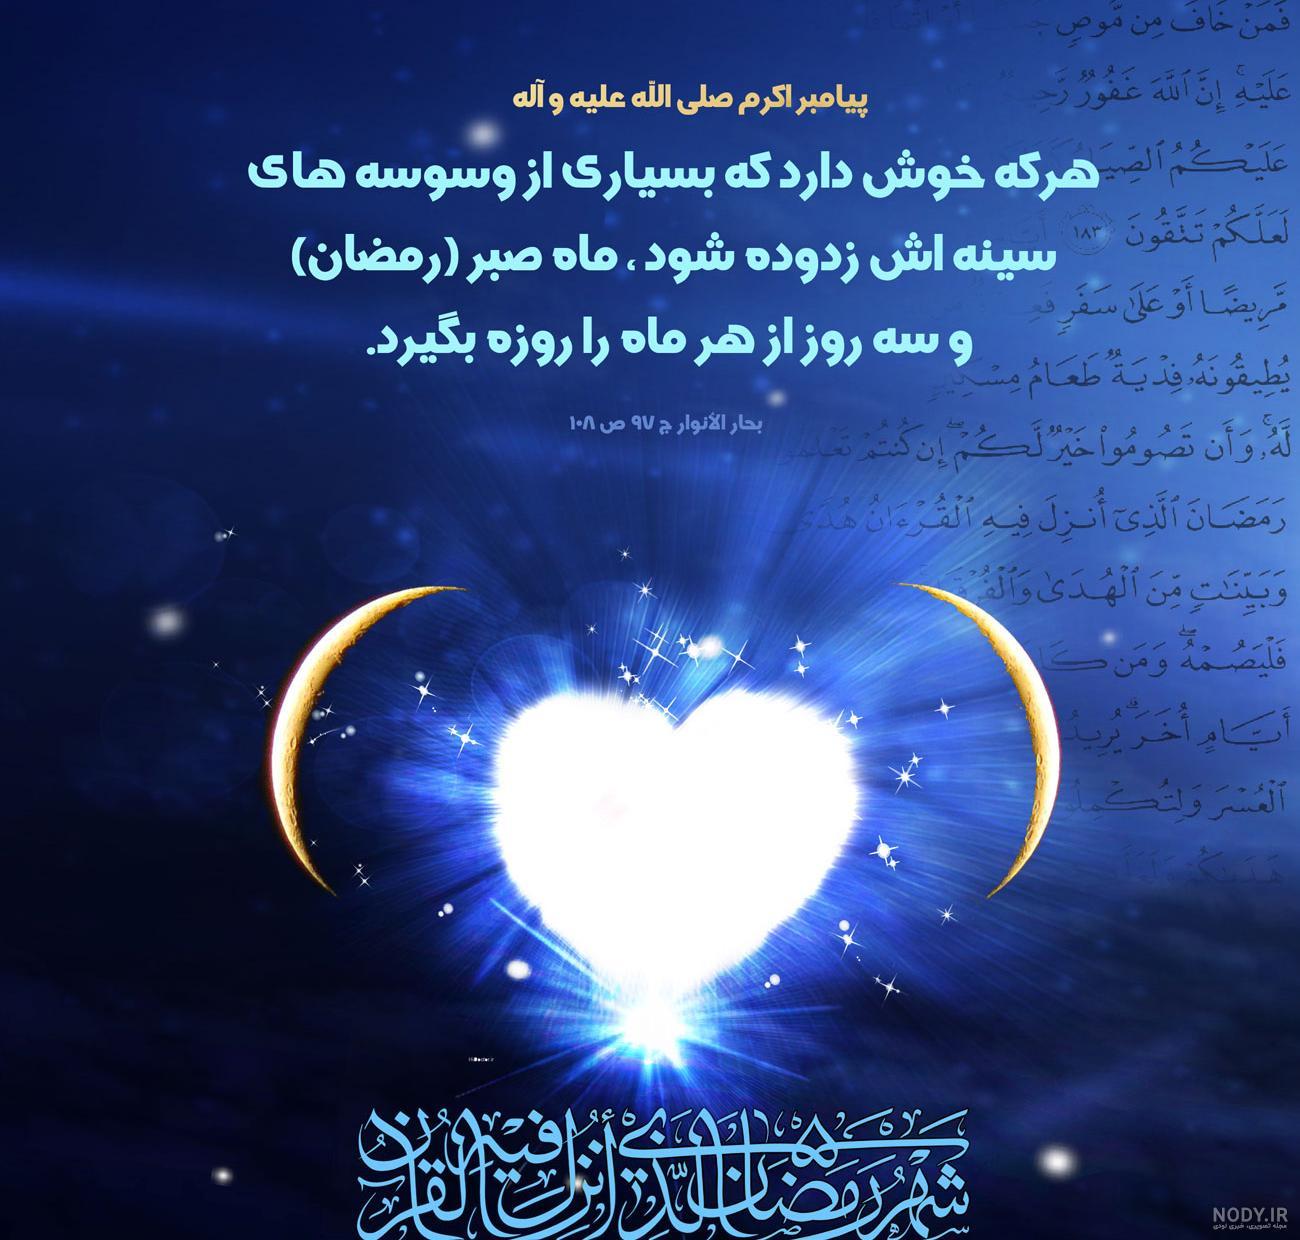 عکس حدیث ماه رمضان